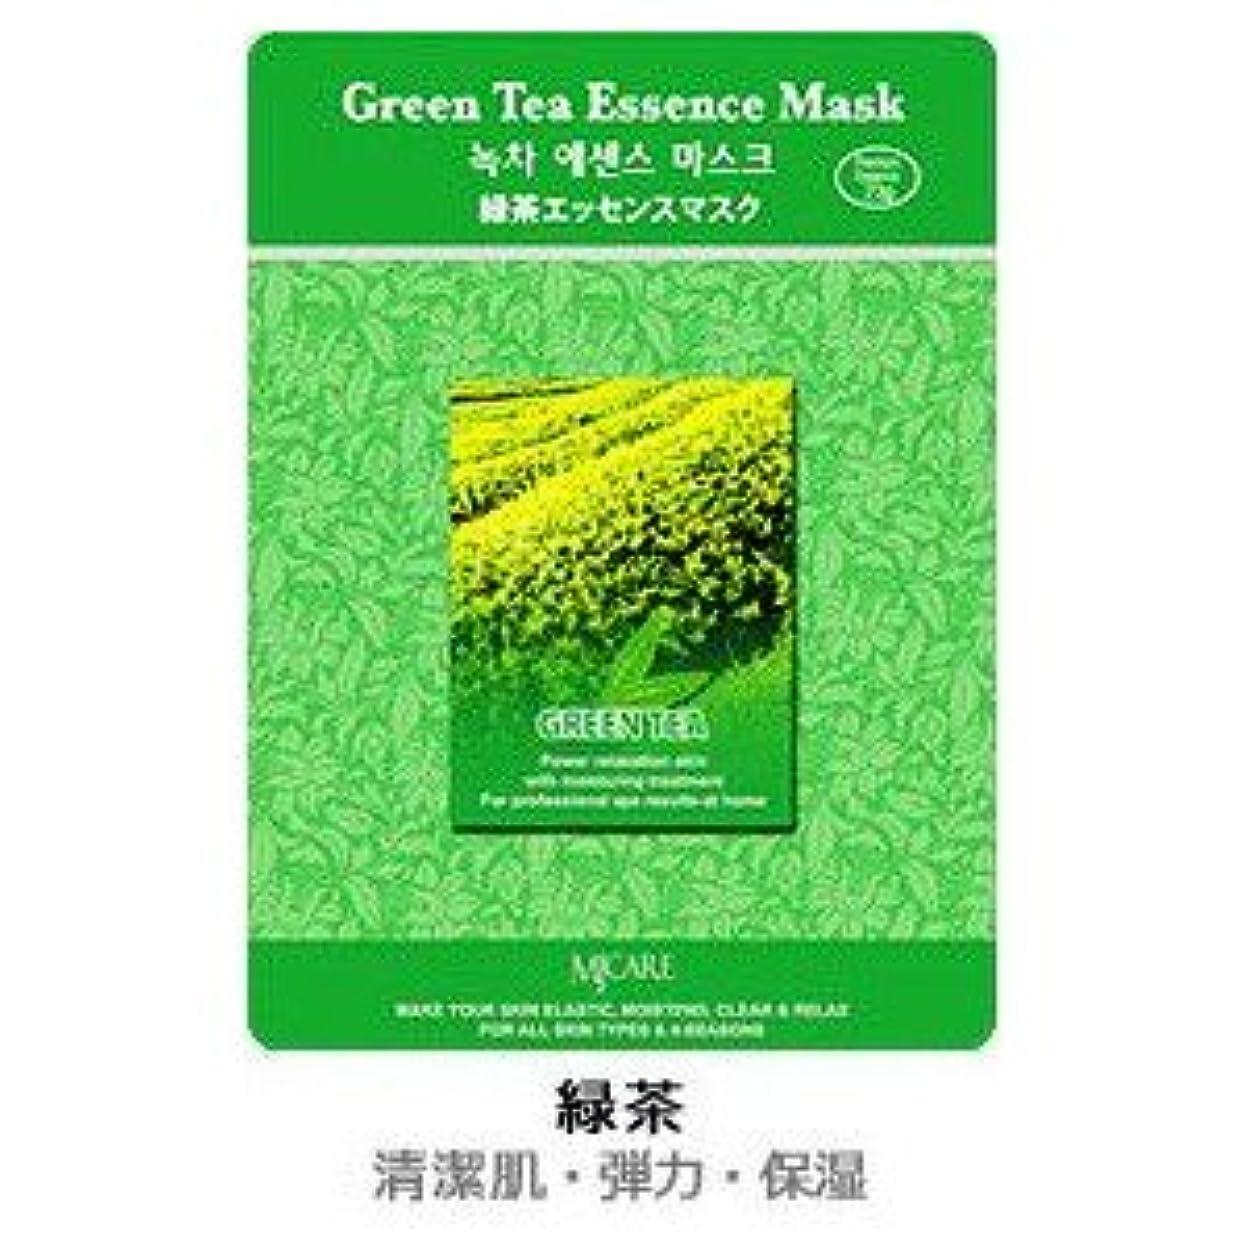 大気再集計その間MJ-CAREエッセンスマスク 緑茶10枚セット